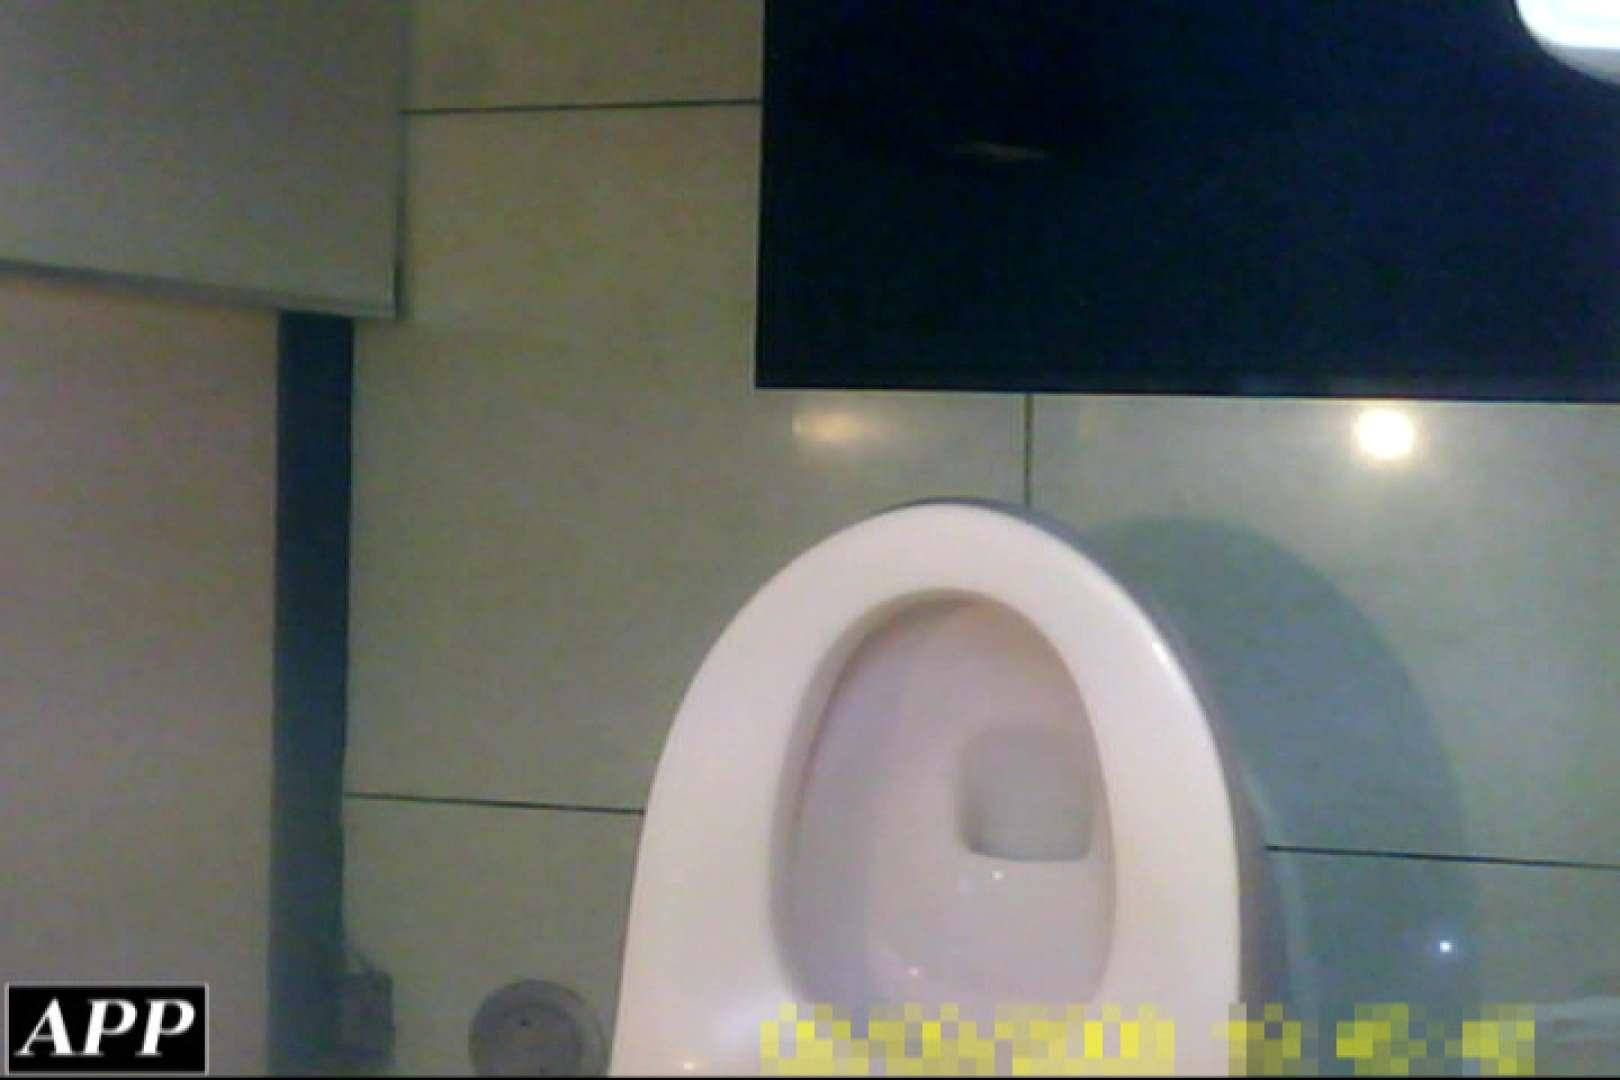 3視点洗面所 vol.76 OLの実態 のぞき動画画像 80pic 74